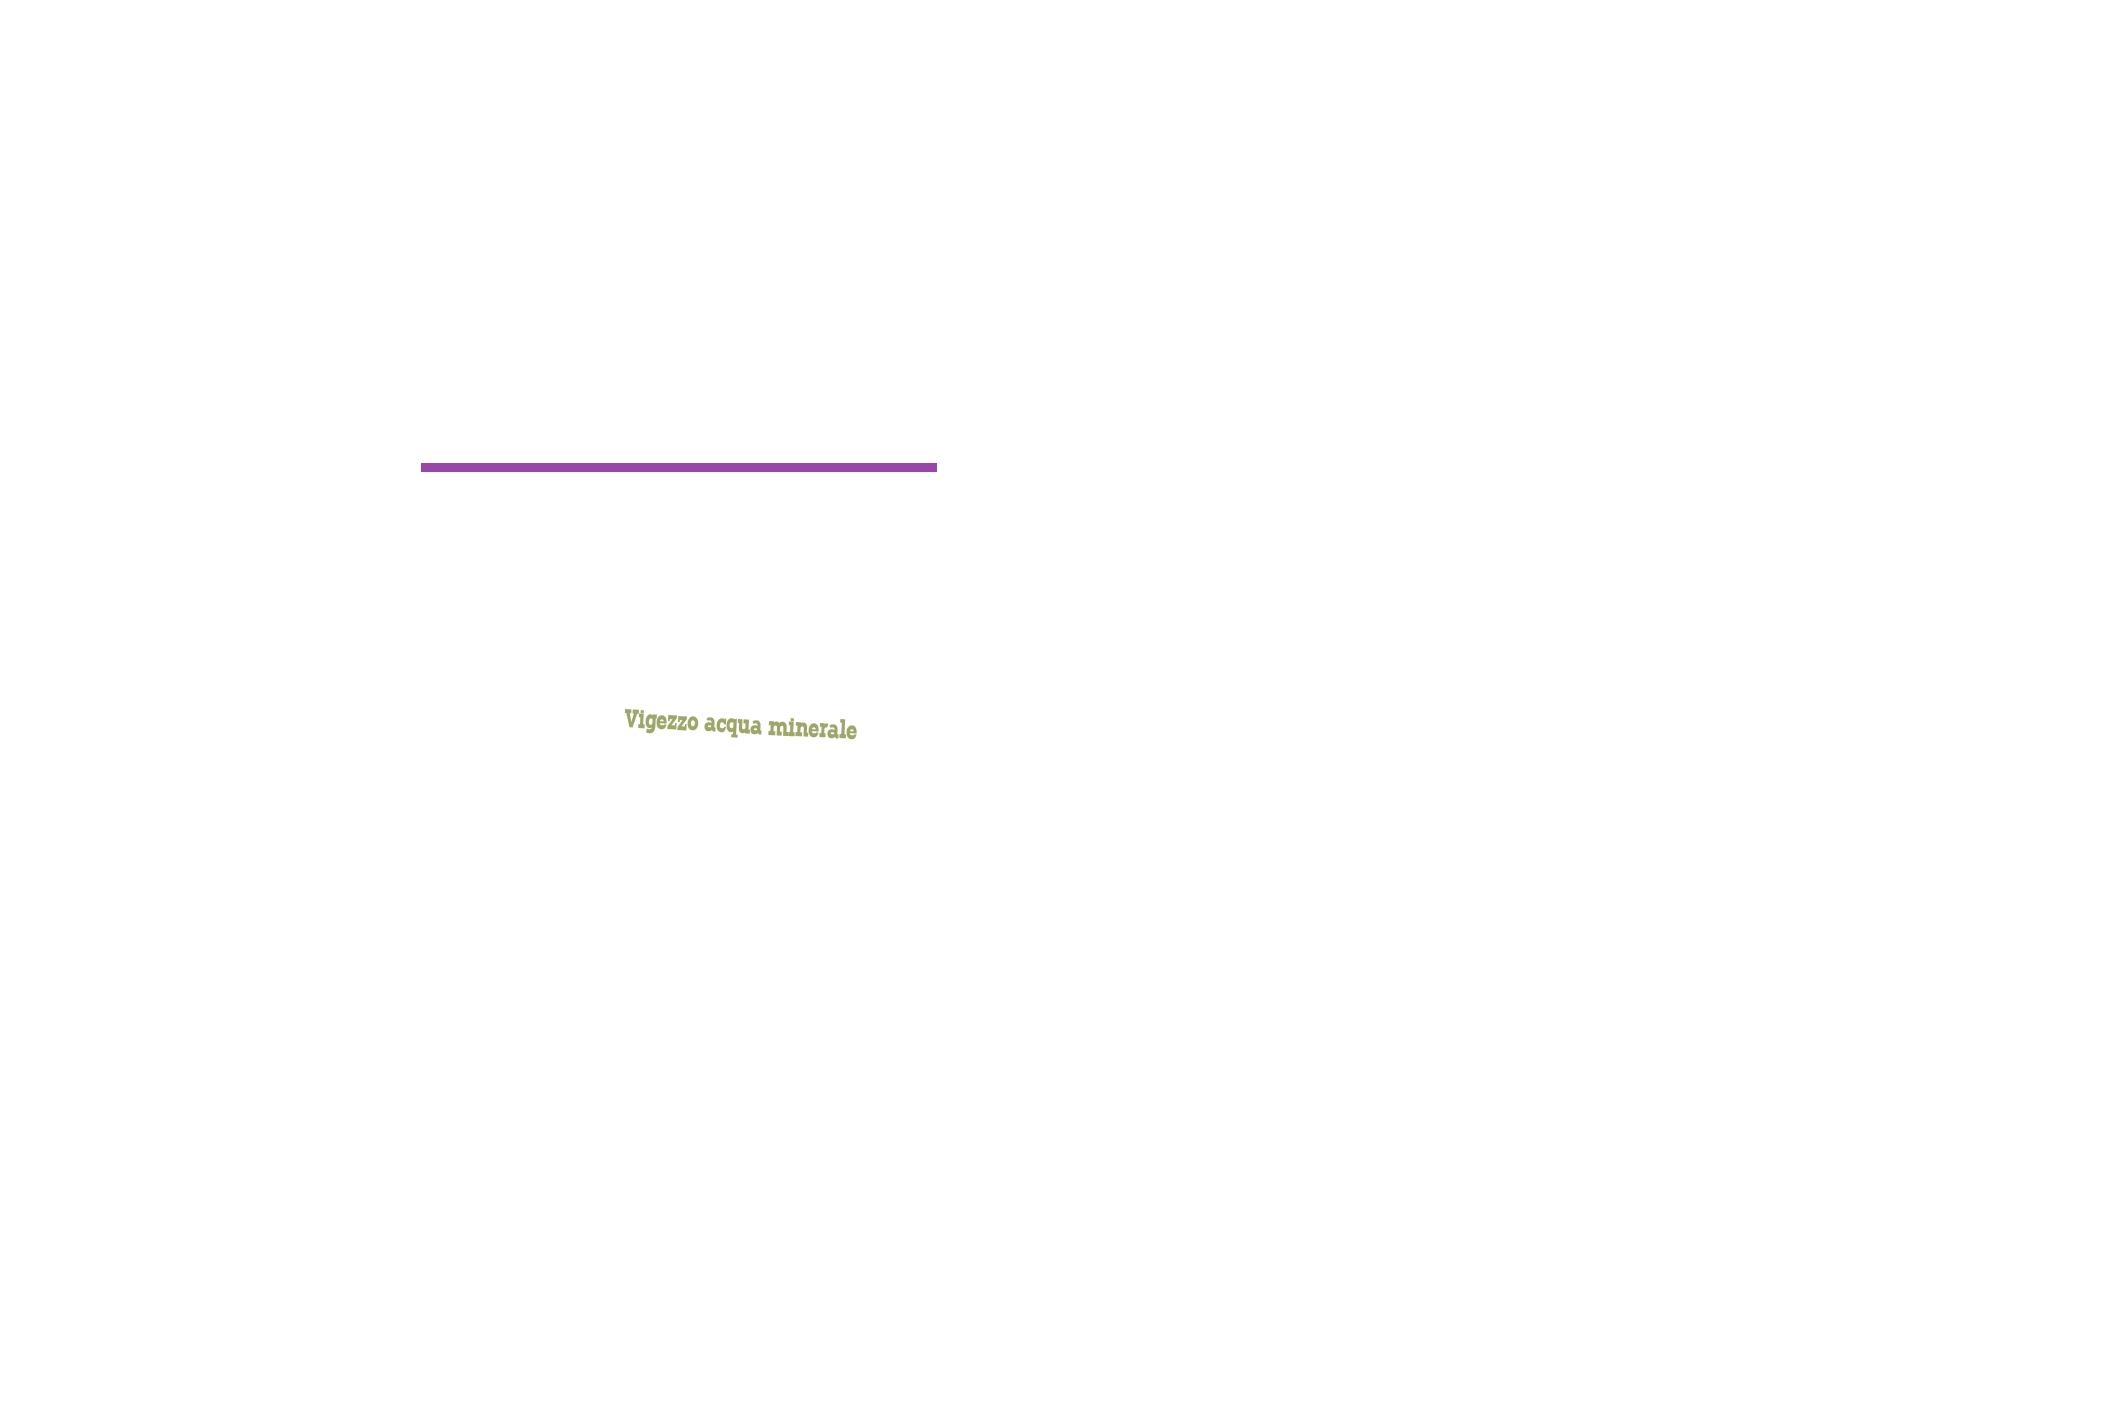 immagine Vigezzo